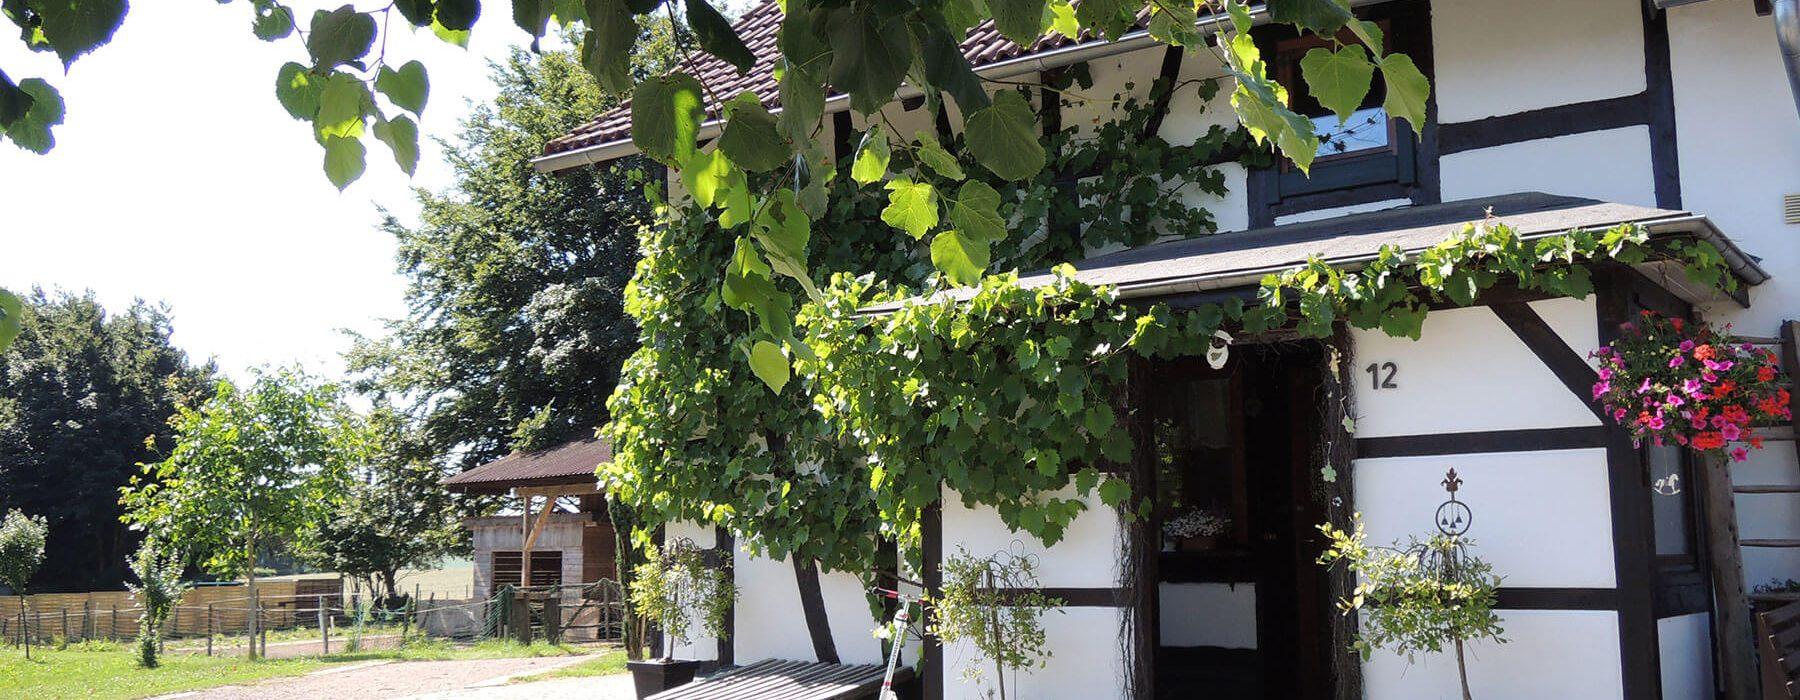 7M Immobilien – Außenaufnahme Haus mit Grundstück